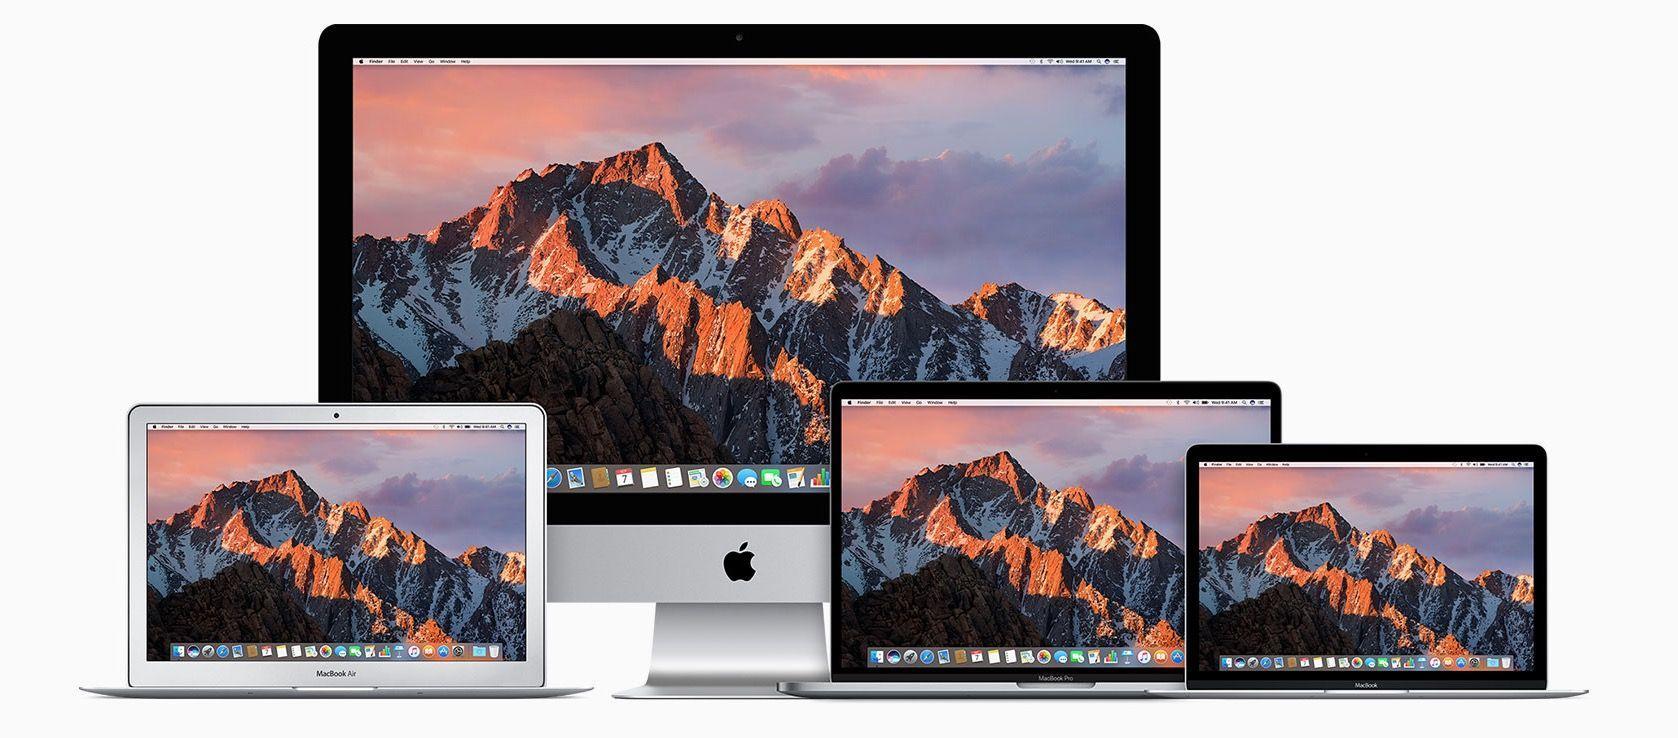 Con questi consigli sarete sicuramente riusciti a trasferire documenti e app tra Macintosh: assicuratevi, però, che i file siano corretti e funzioni tutto prima di eliminare i dati!